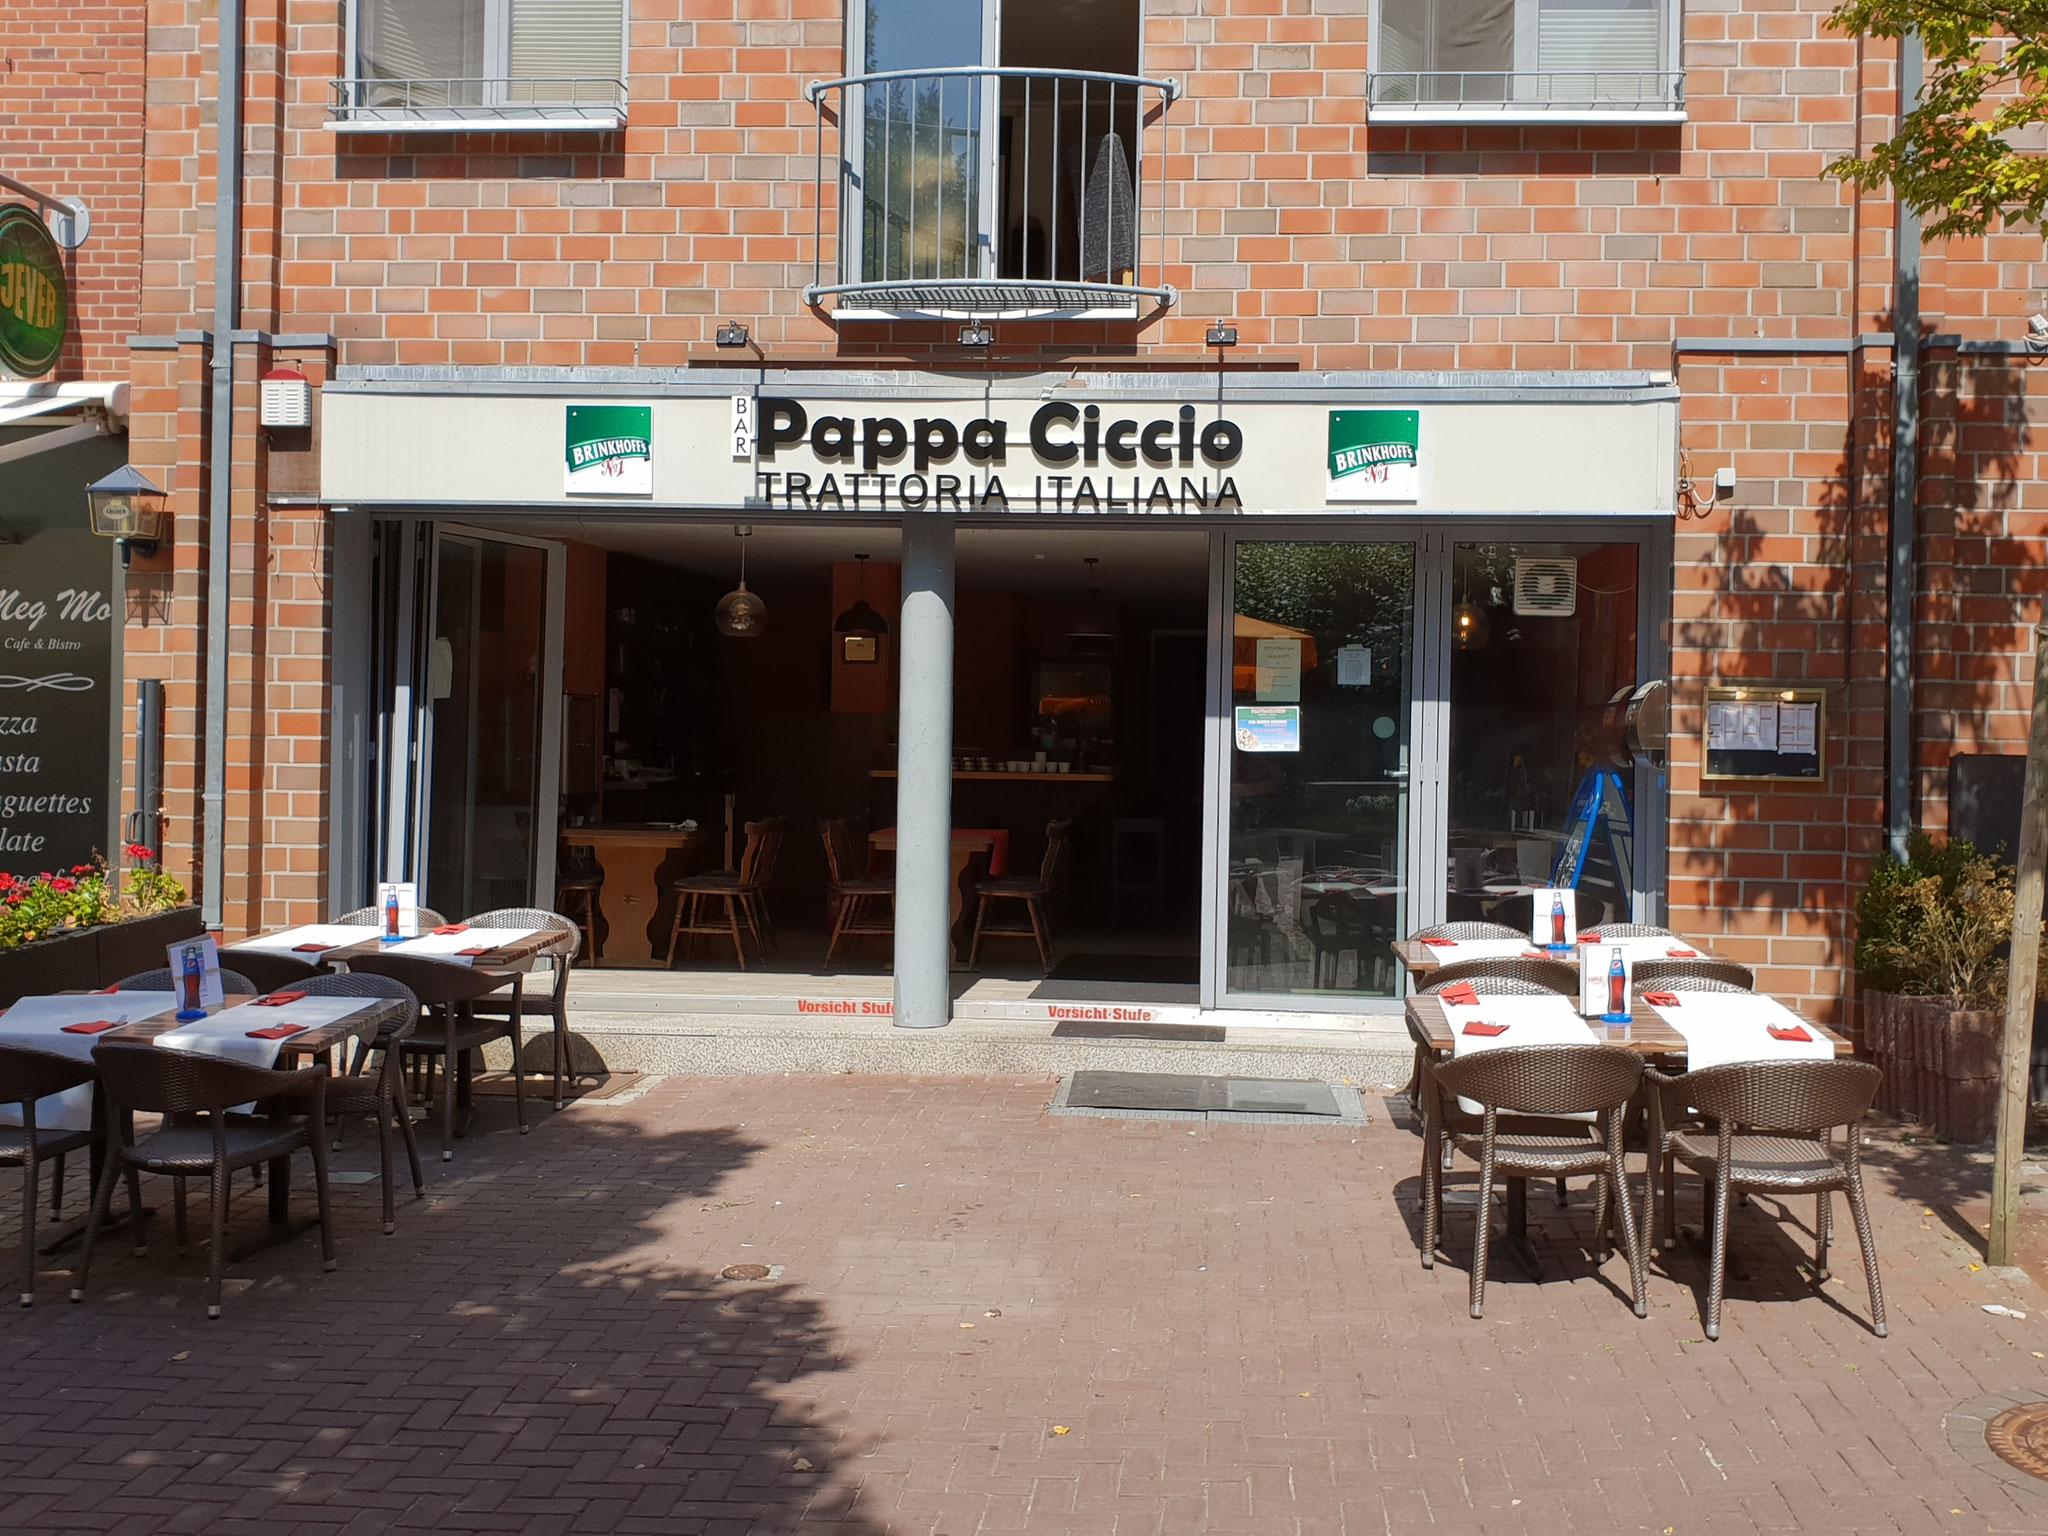 Pappaciccio